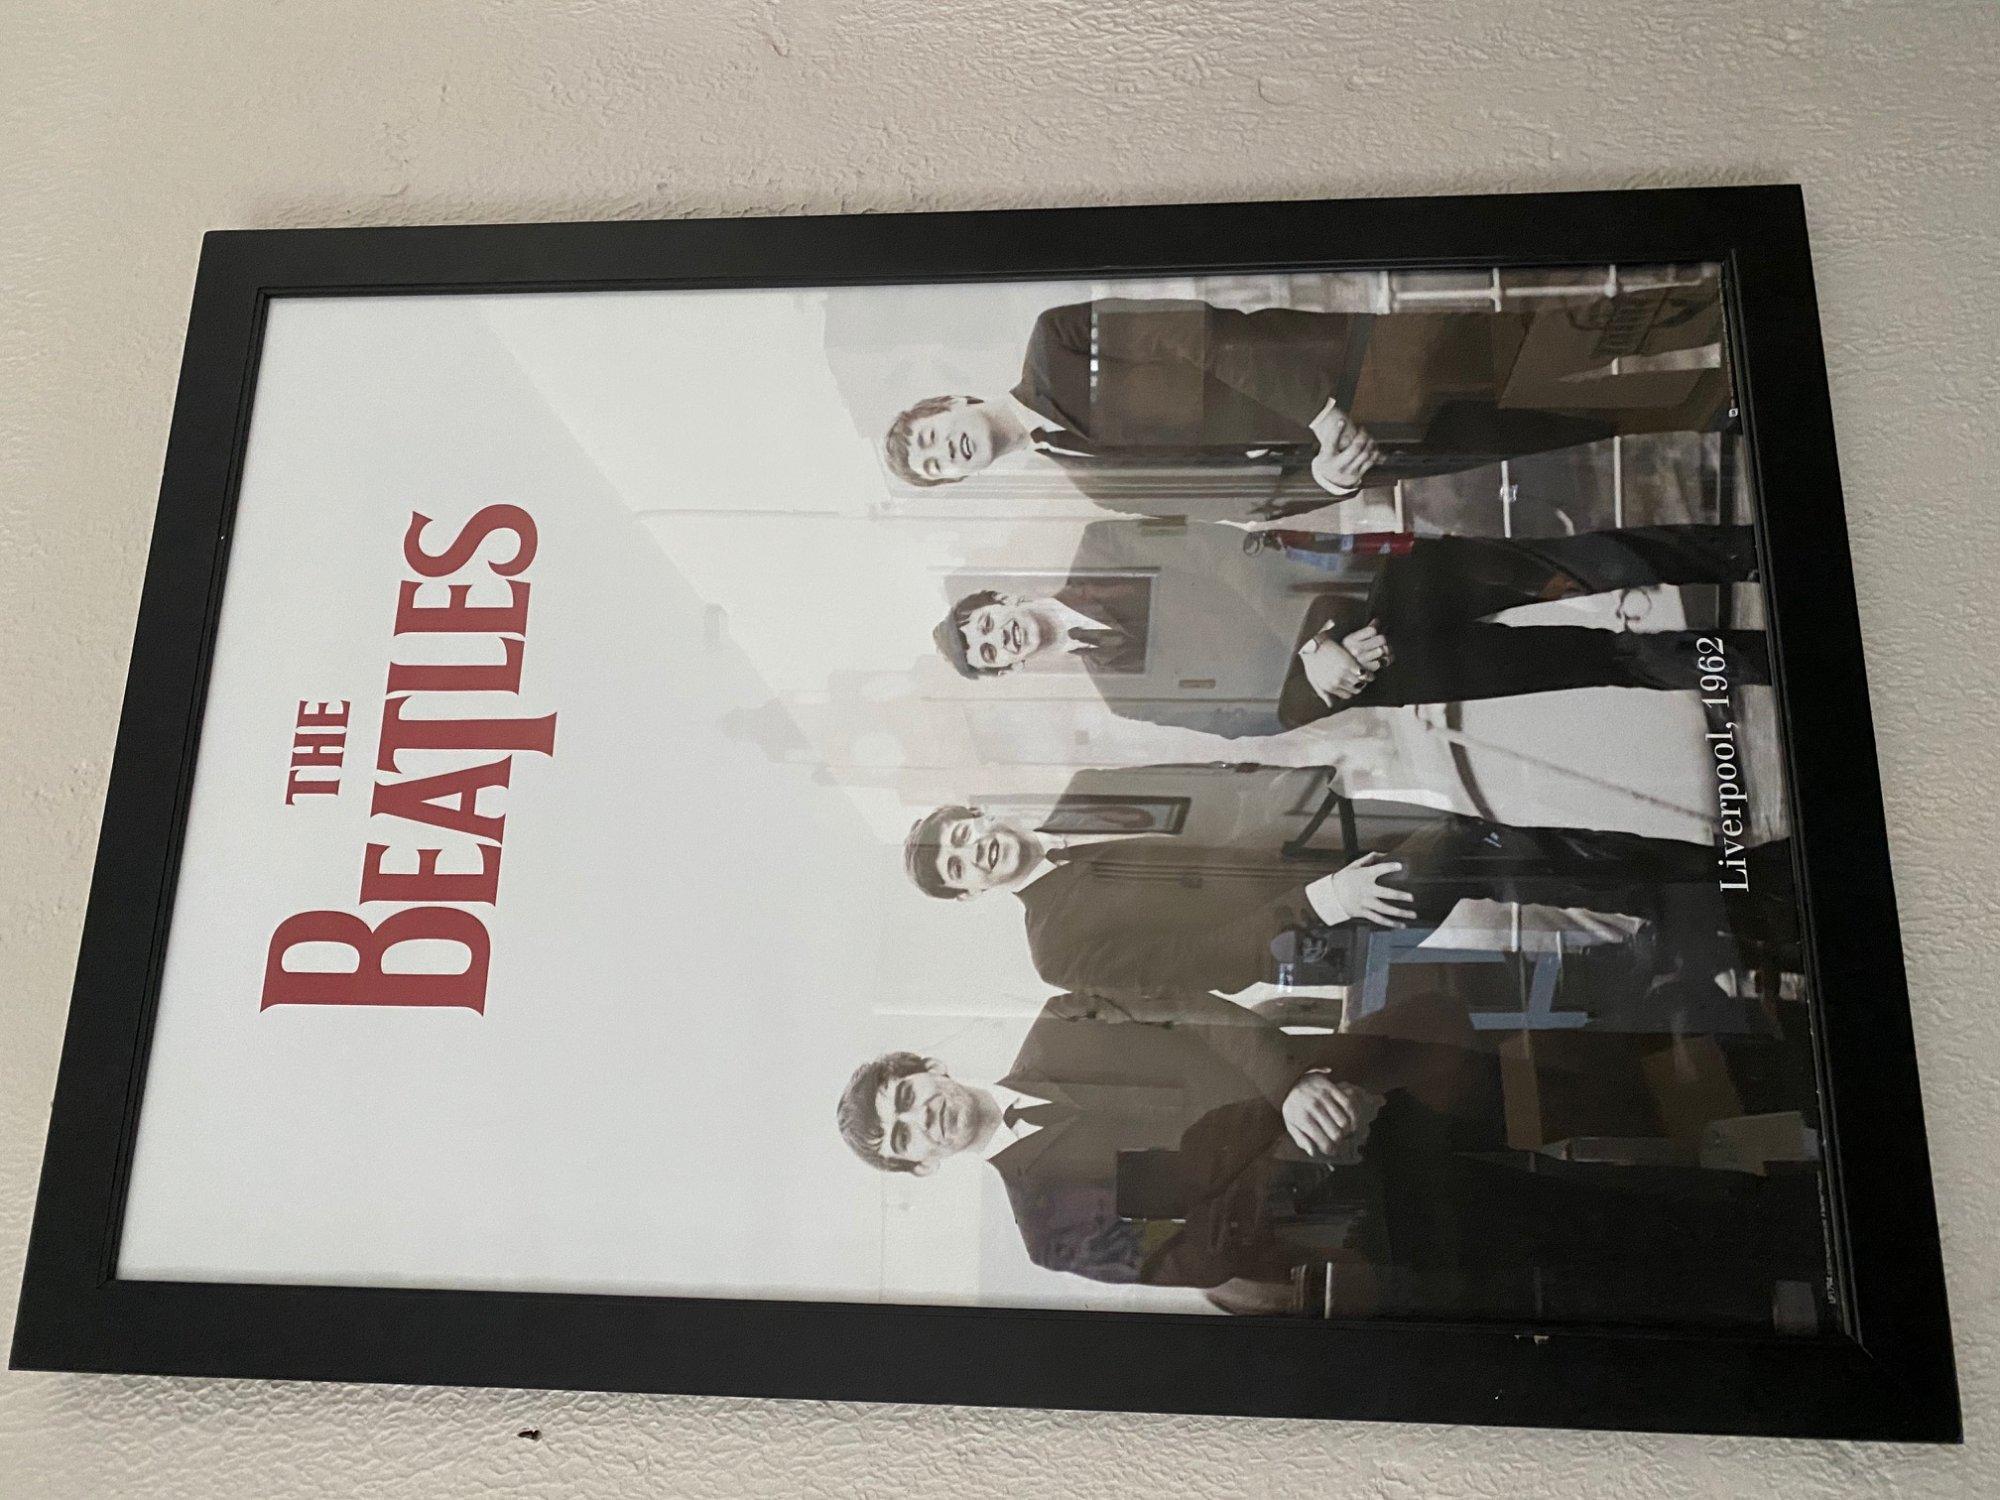 framed poster - Beatles! 5 styles